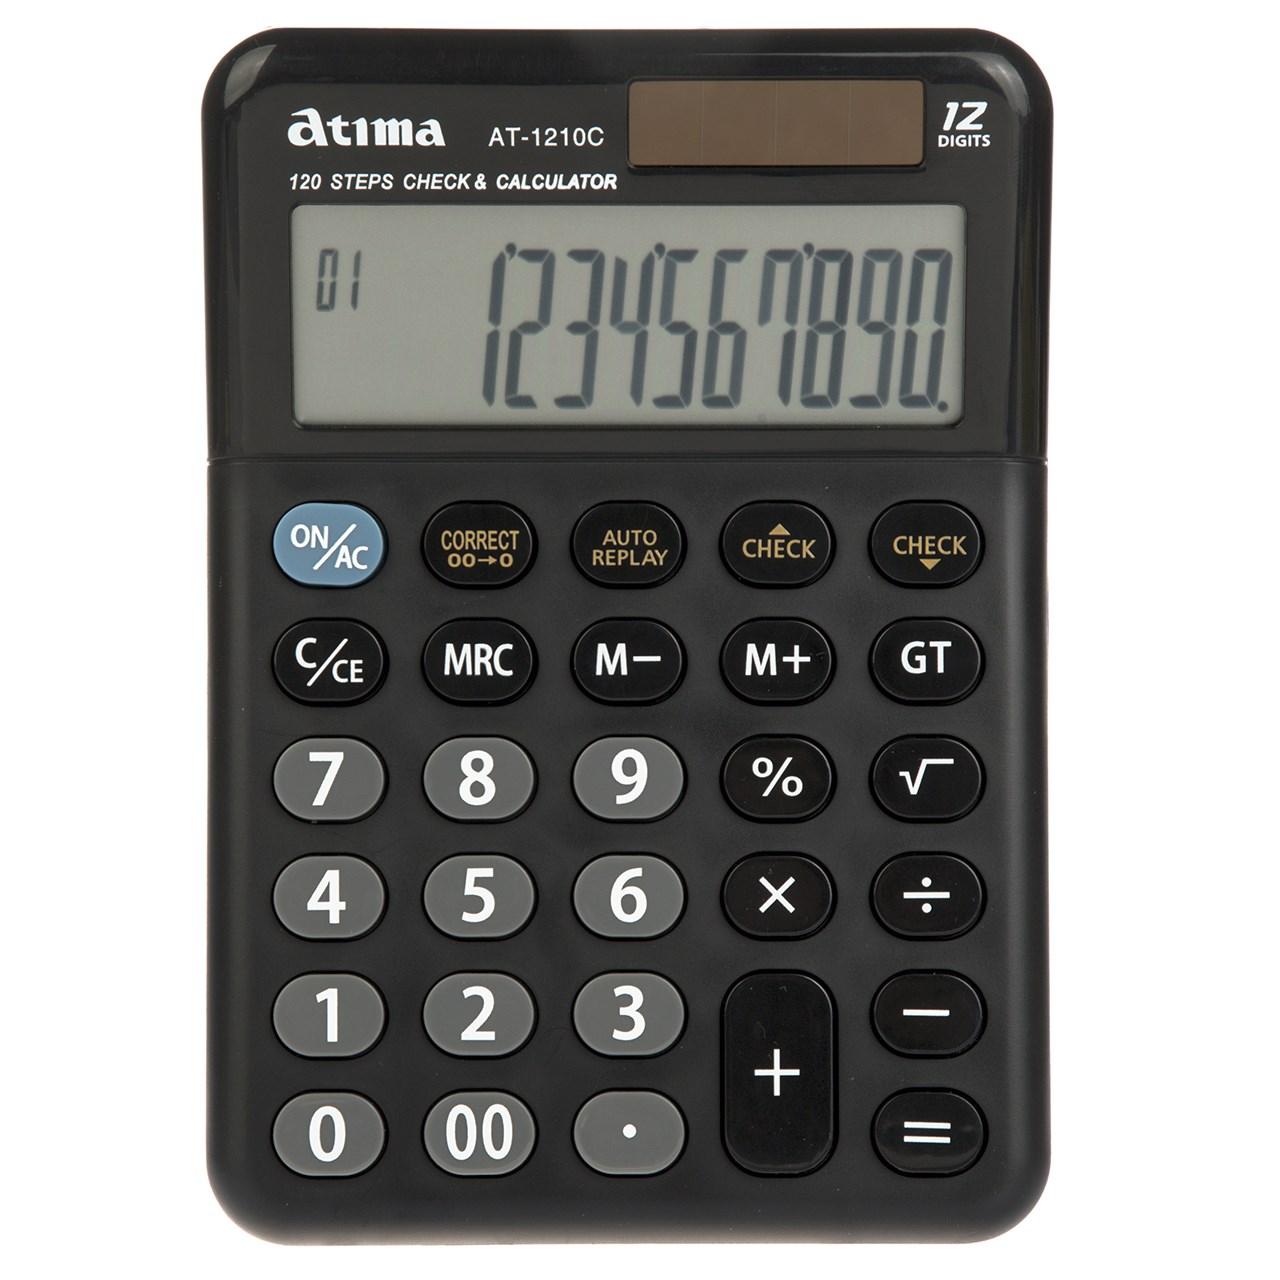 ماشین حساب آتیما مدل AT-1210C